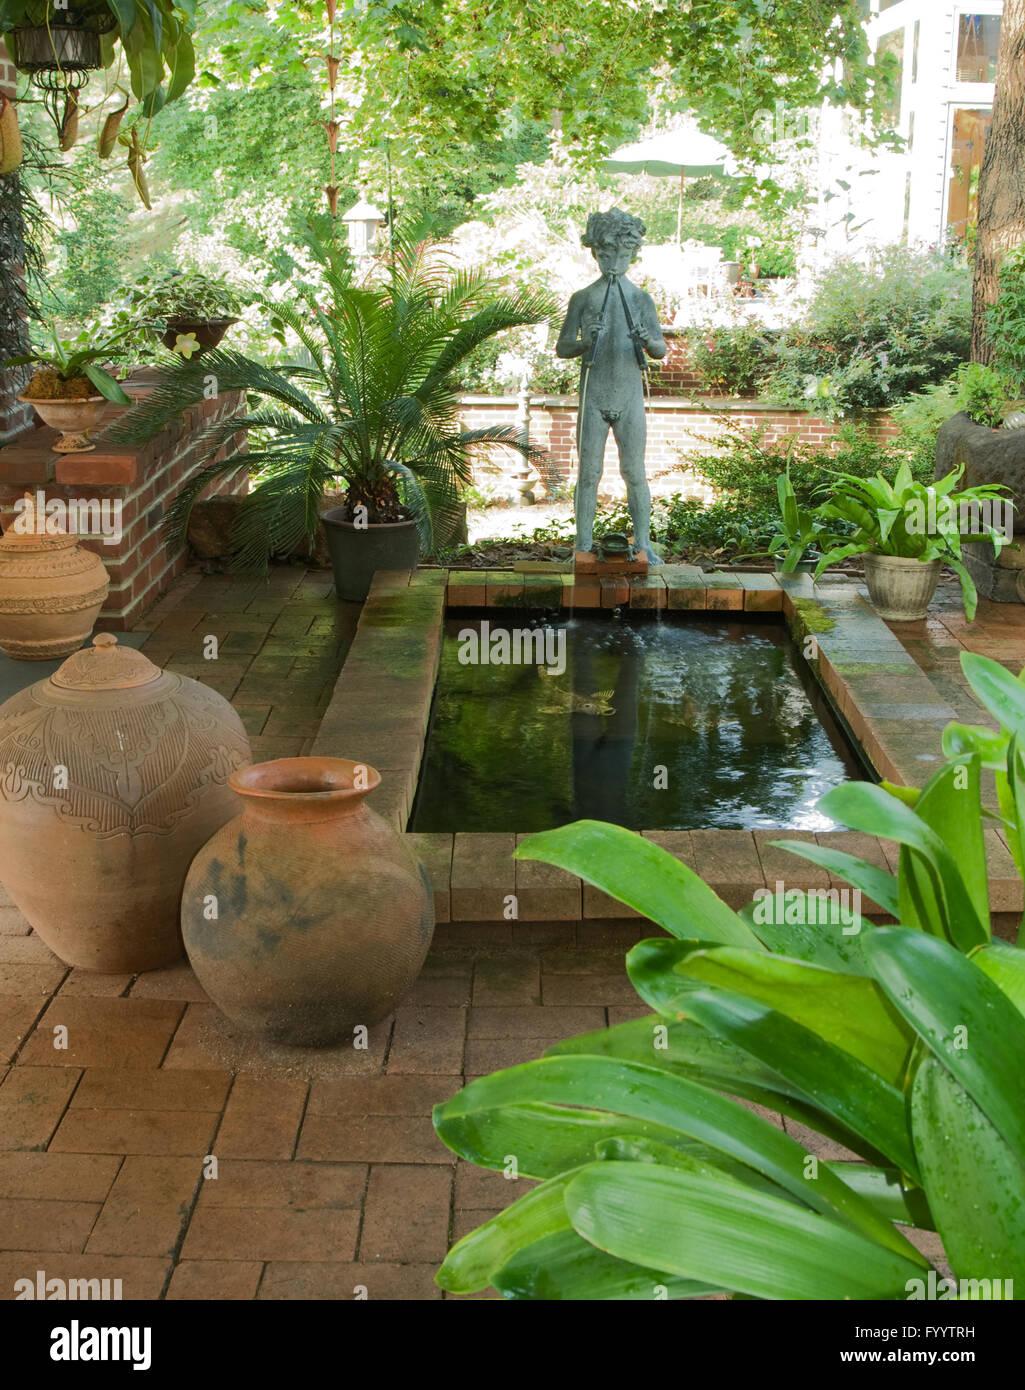 Pan Am Kleinen Wasser Garten Stockfoto Bild 103259733 Alamy